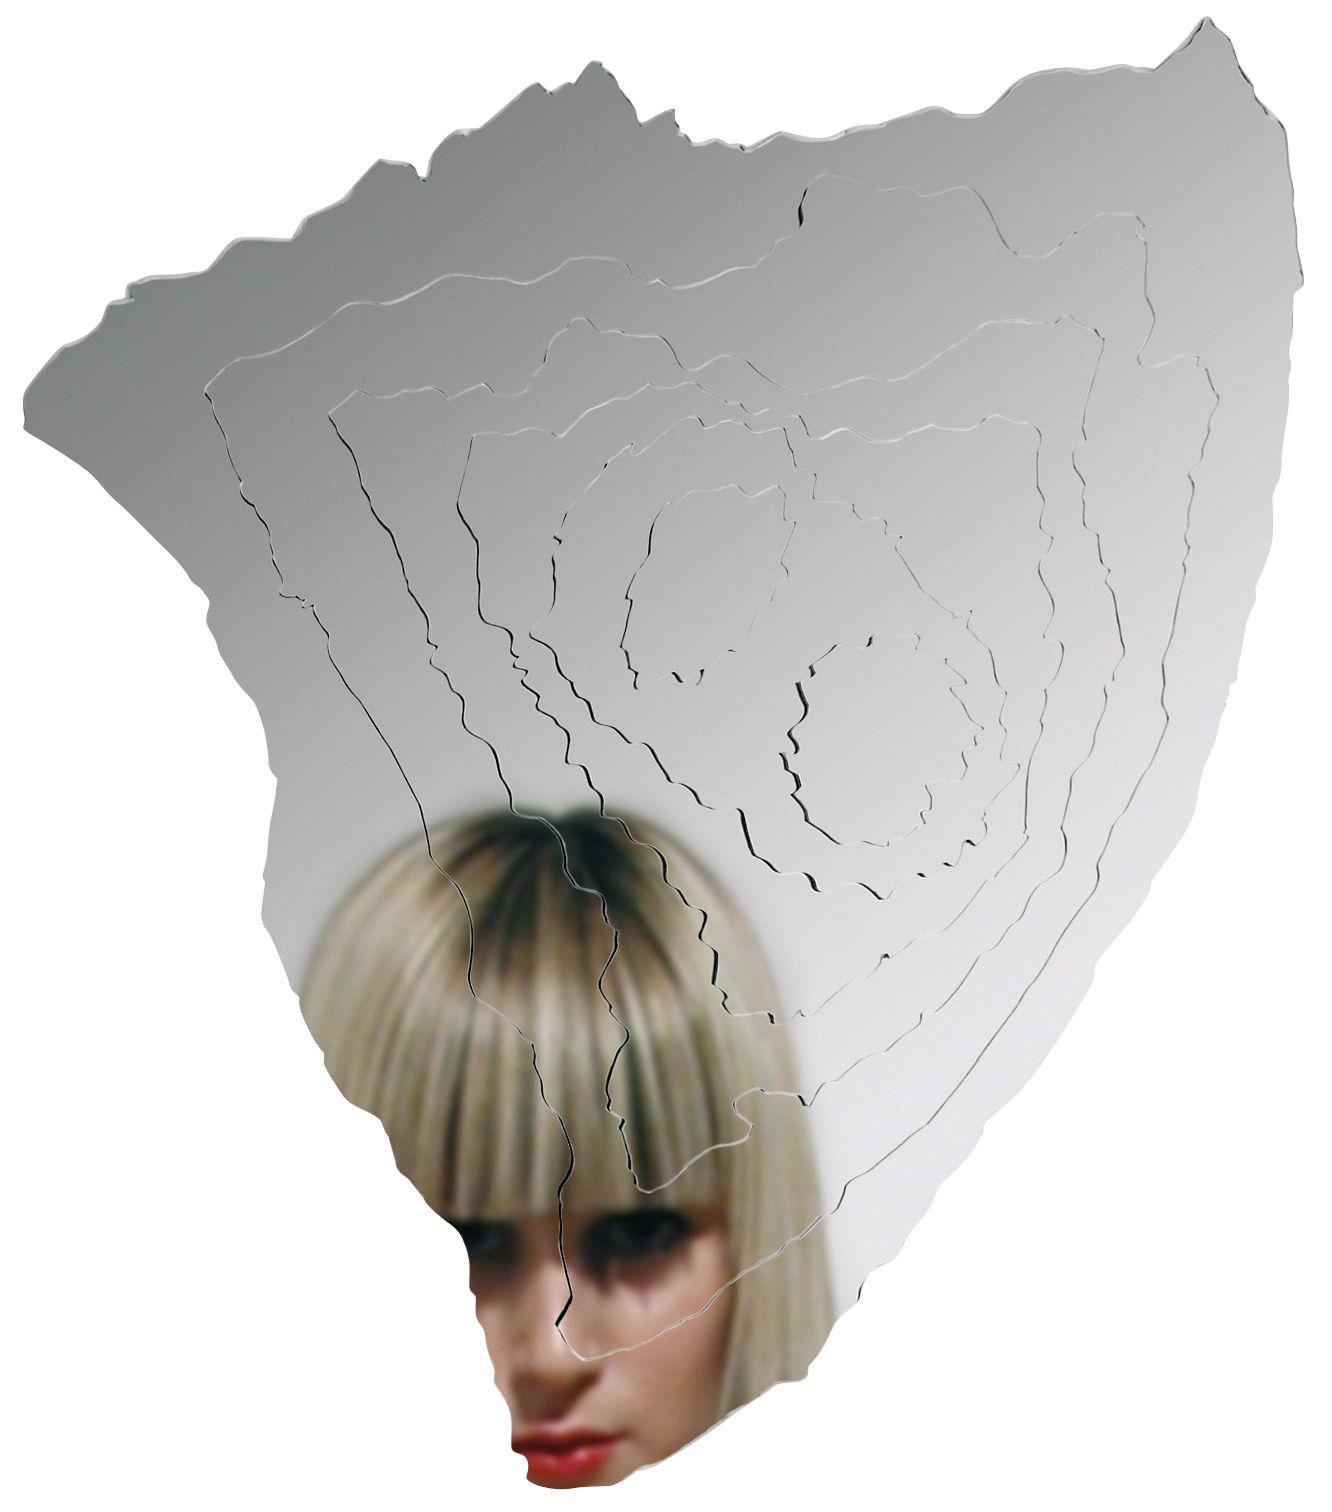 Arredamento - Specchi - Specchio autocollante Strates - Autoadesivo di Domestic -  - Materiale plastico